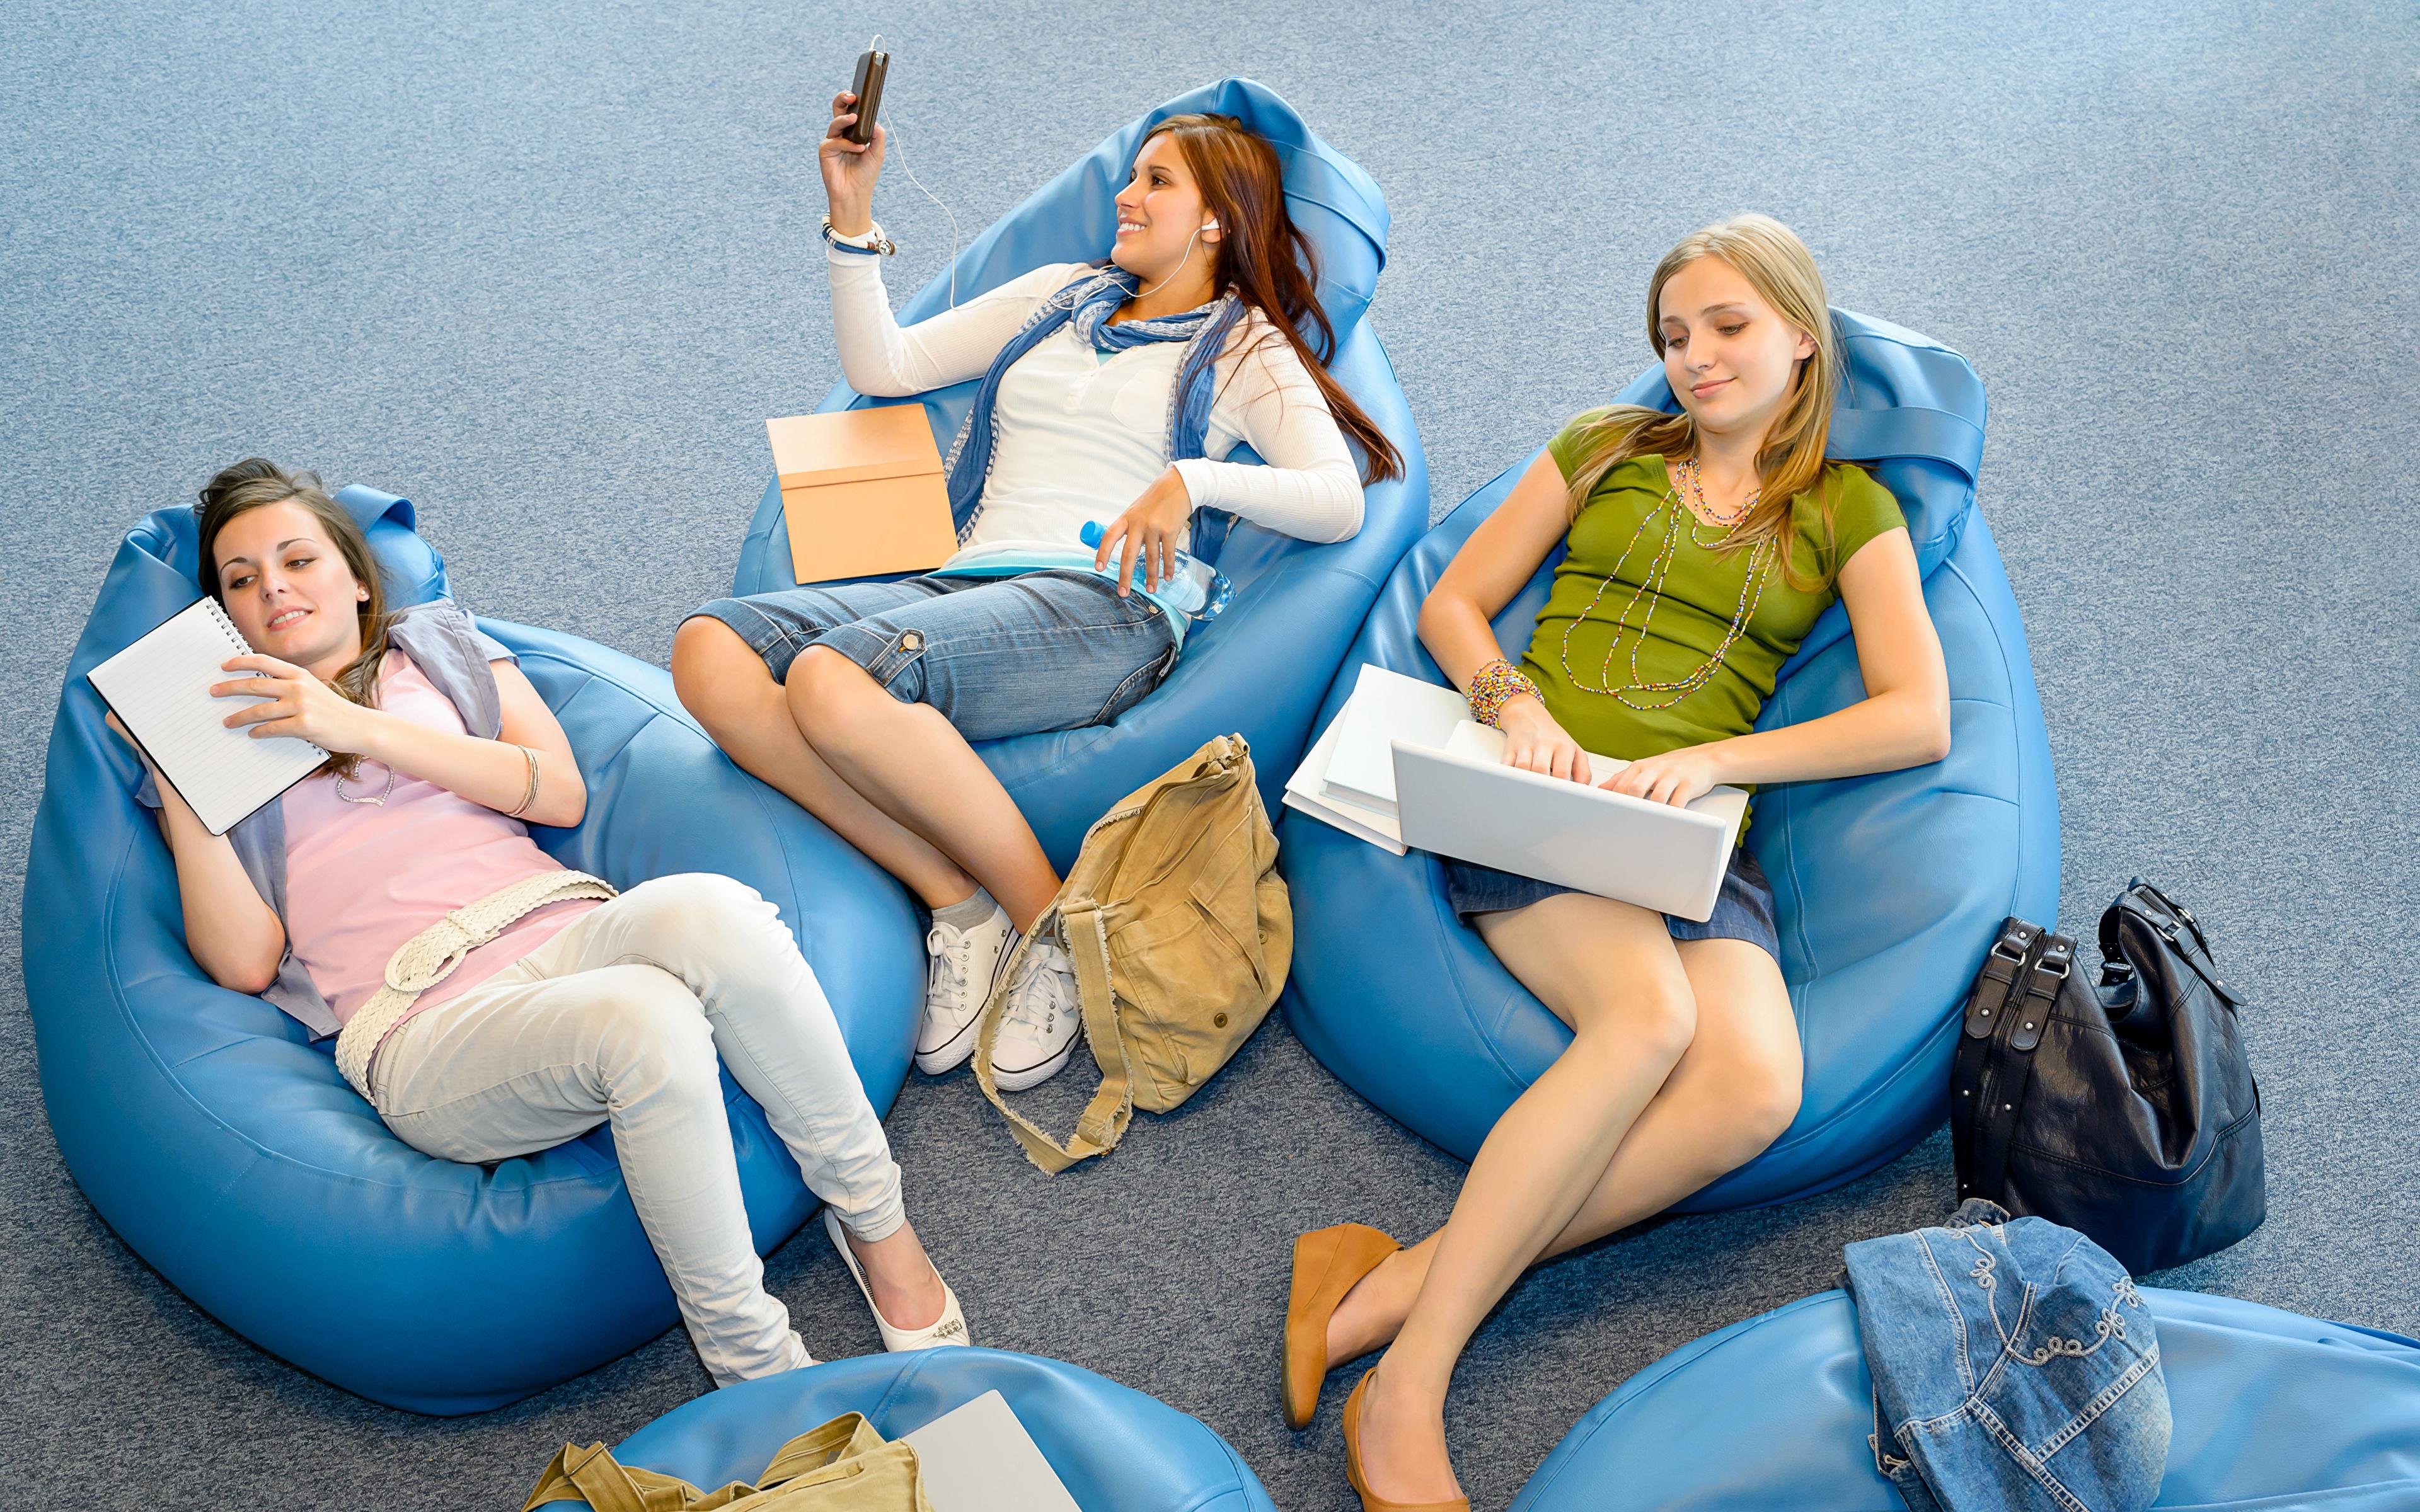 Bilder von Notebook Lächeln smartphones junge Frauen sitzt Drei 3 Handtasche 3840x2400 Smartphone Mädchens junge frau sitzen Sitzend